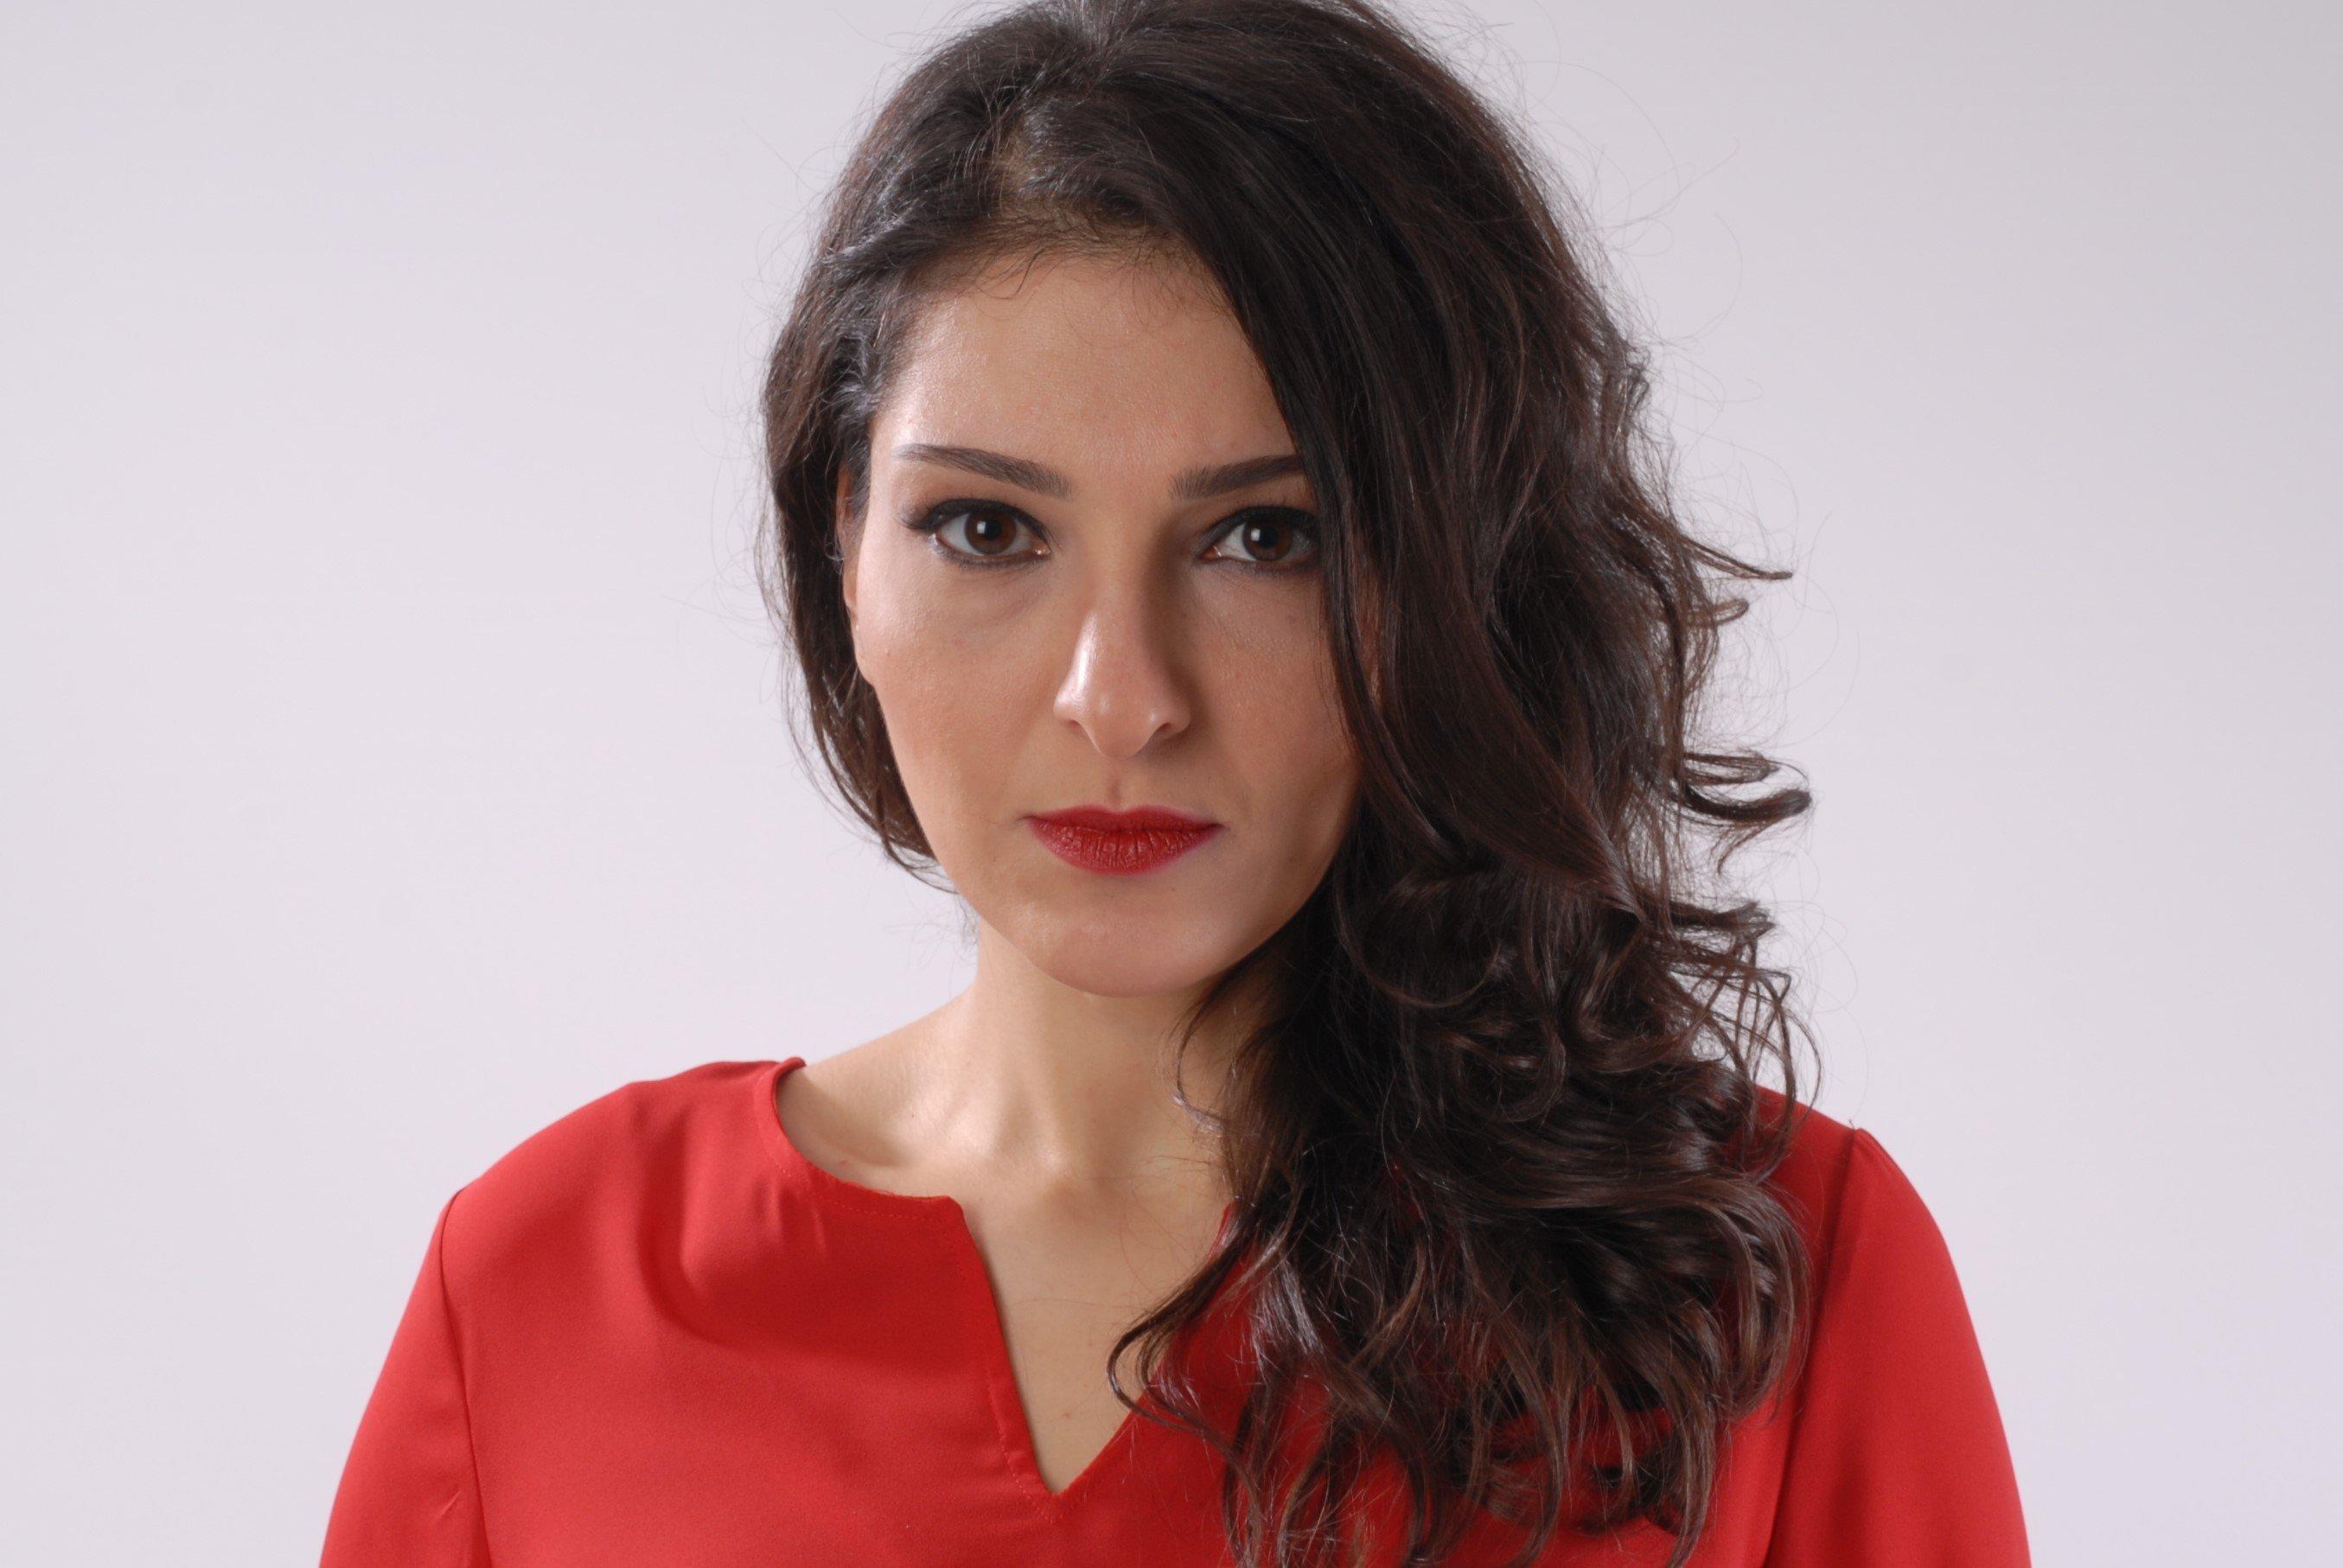 Filiz Kaya